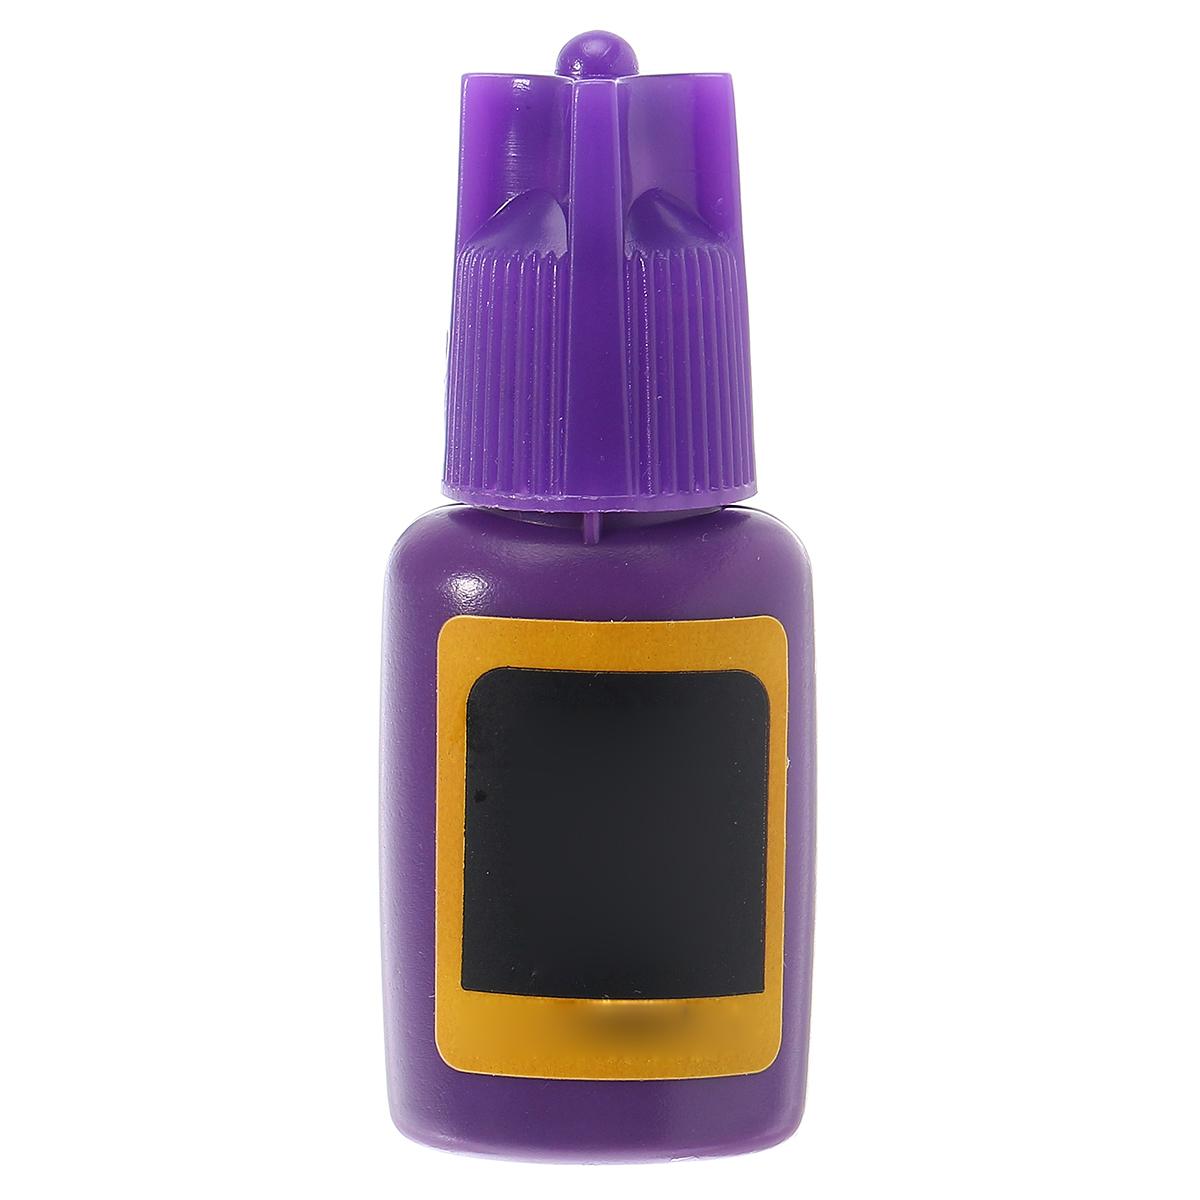 10ml False Eyelash Glue Long Lasting Adhesive Glue For Professional Practice Grafting Eyelashes Exte